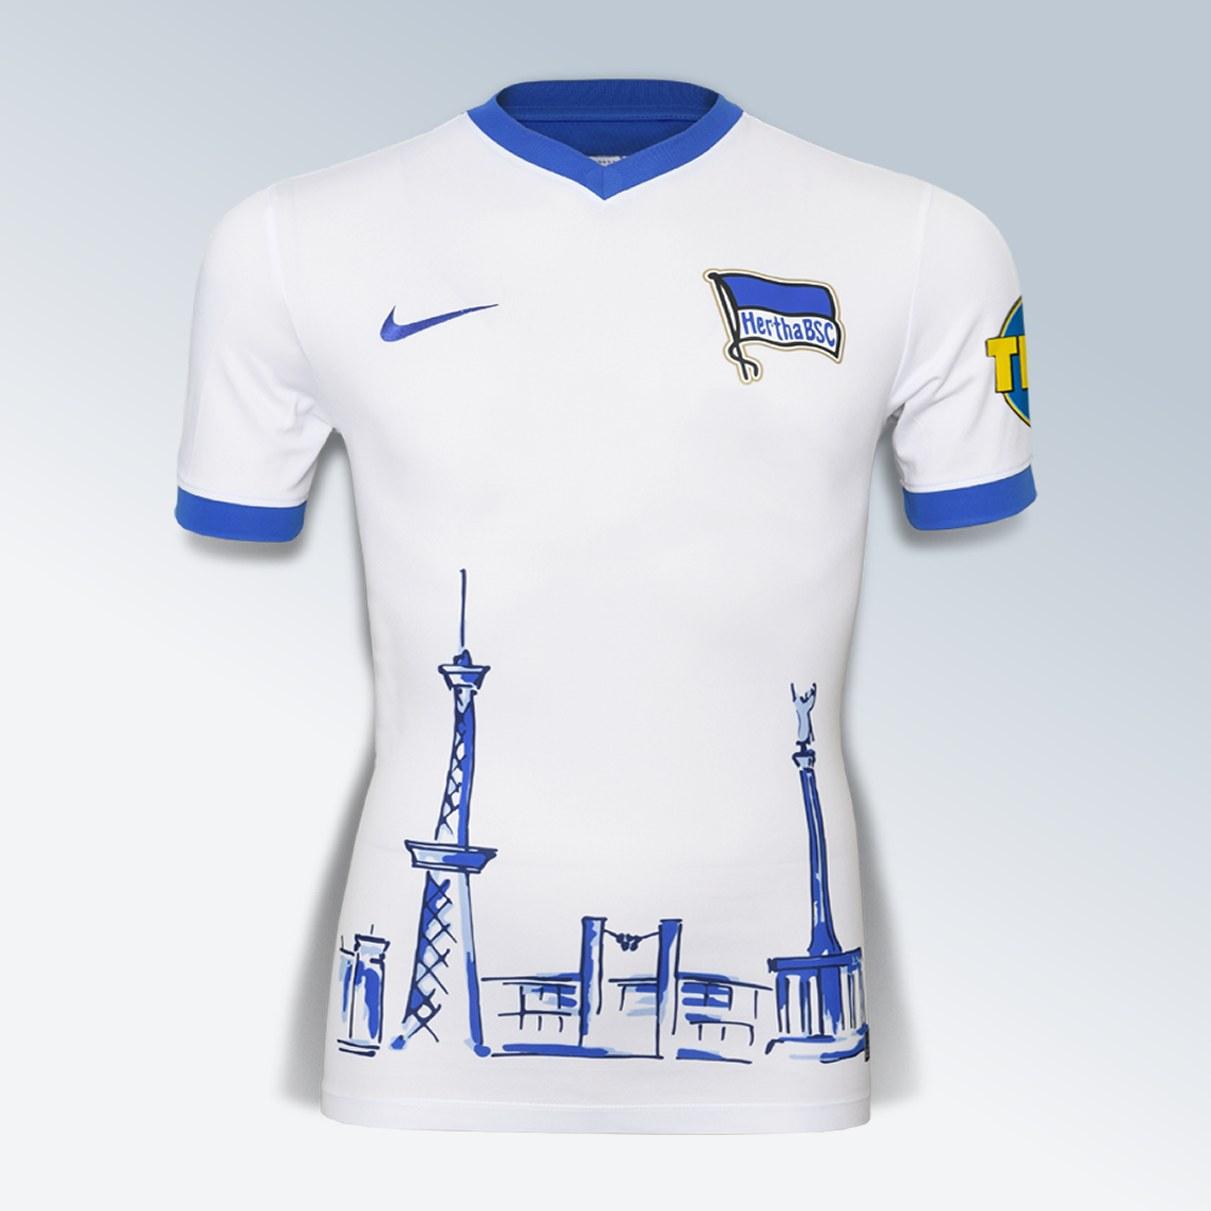 Camiseta por el 125 aniversario del Hertha BSC | Foto Web Oficial